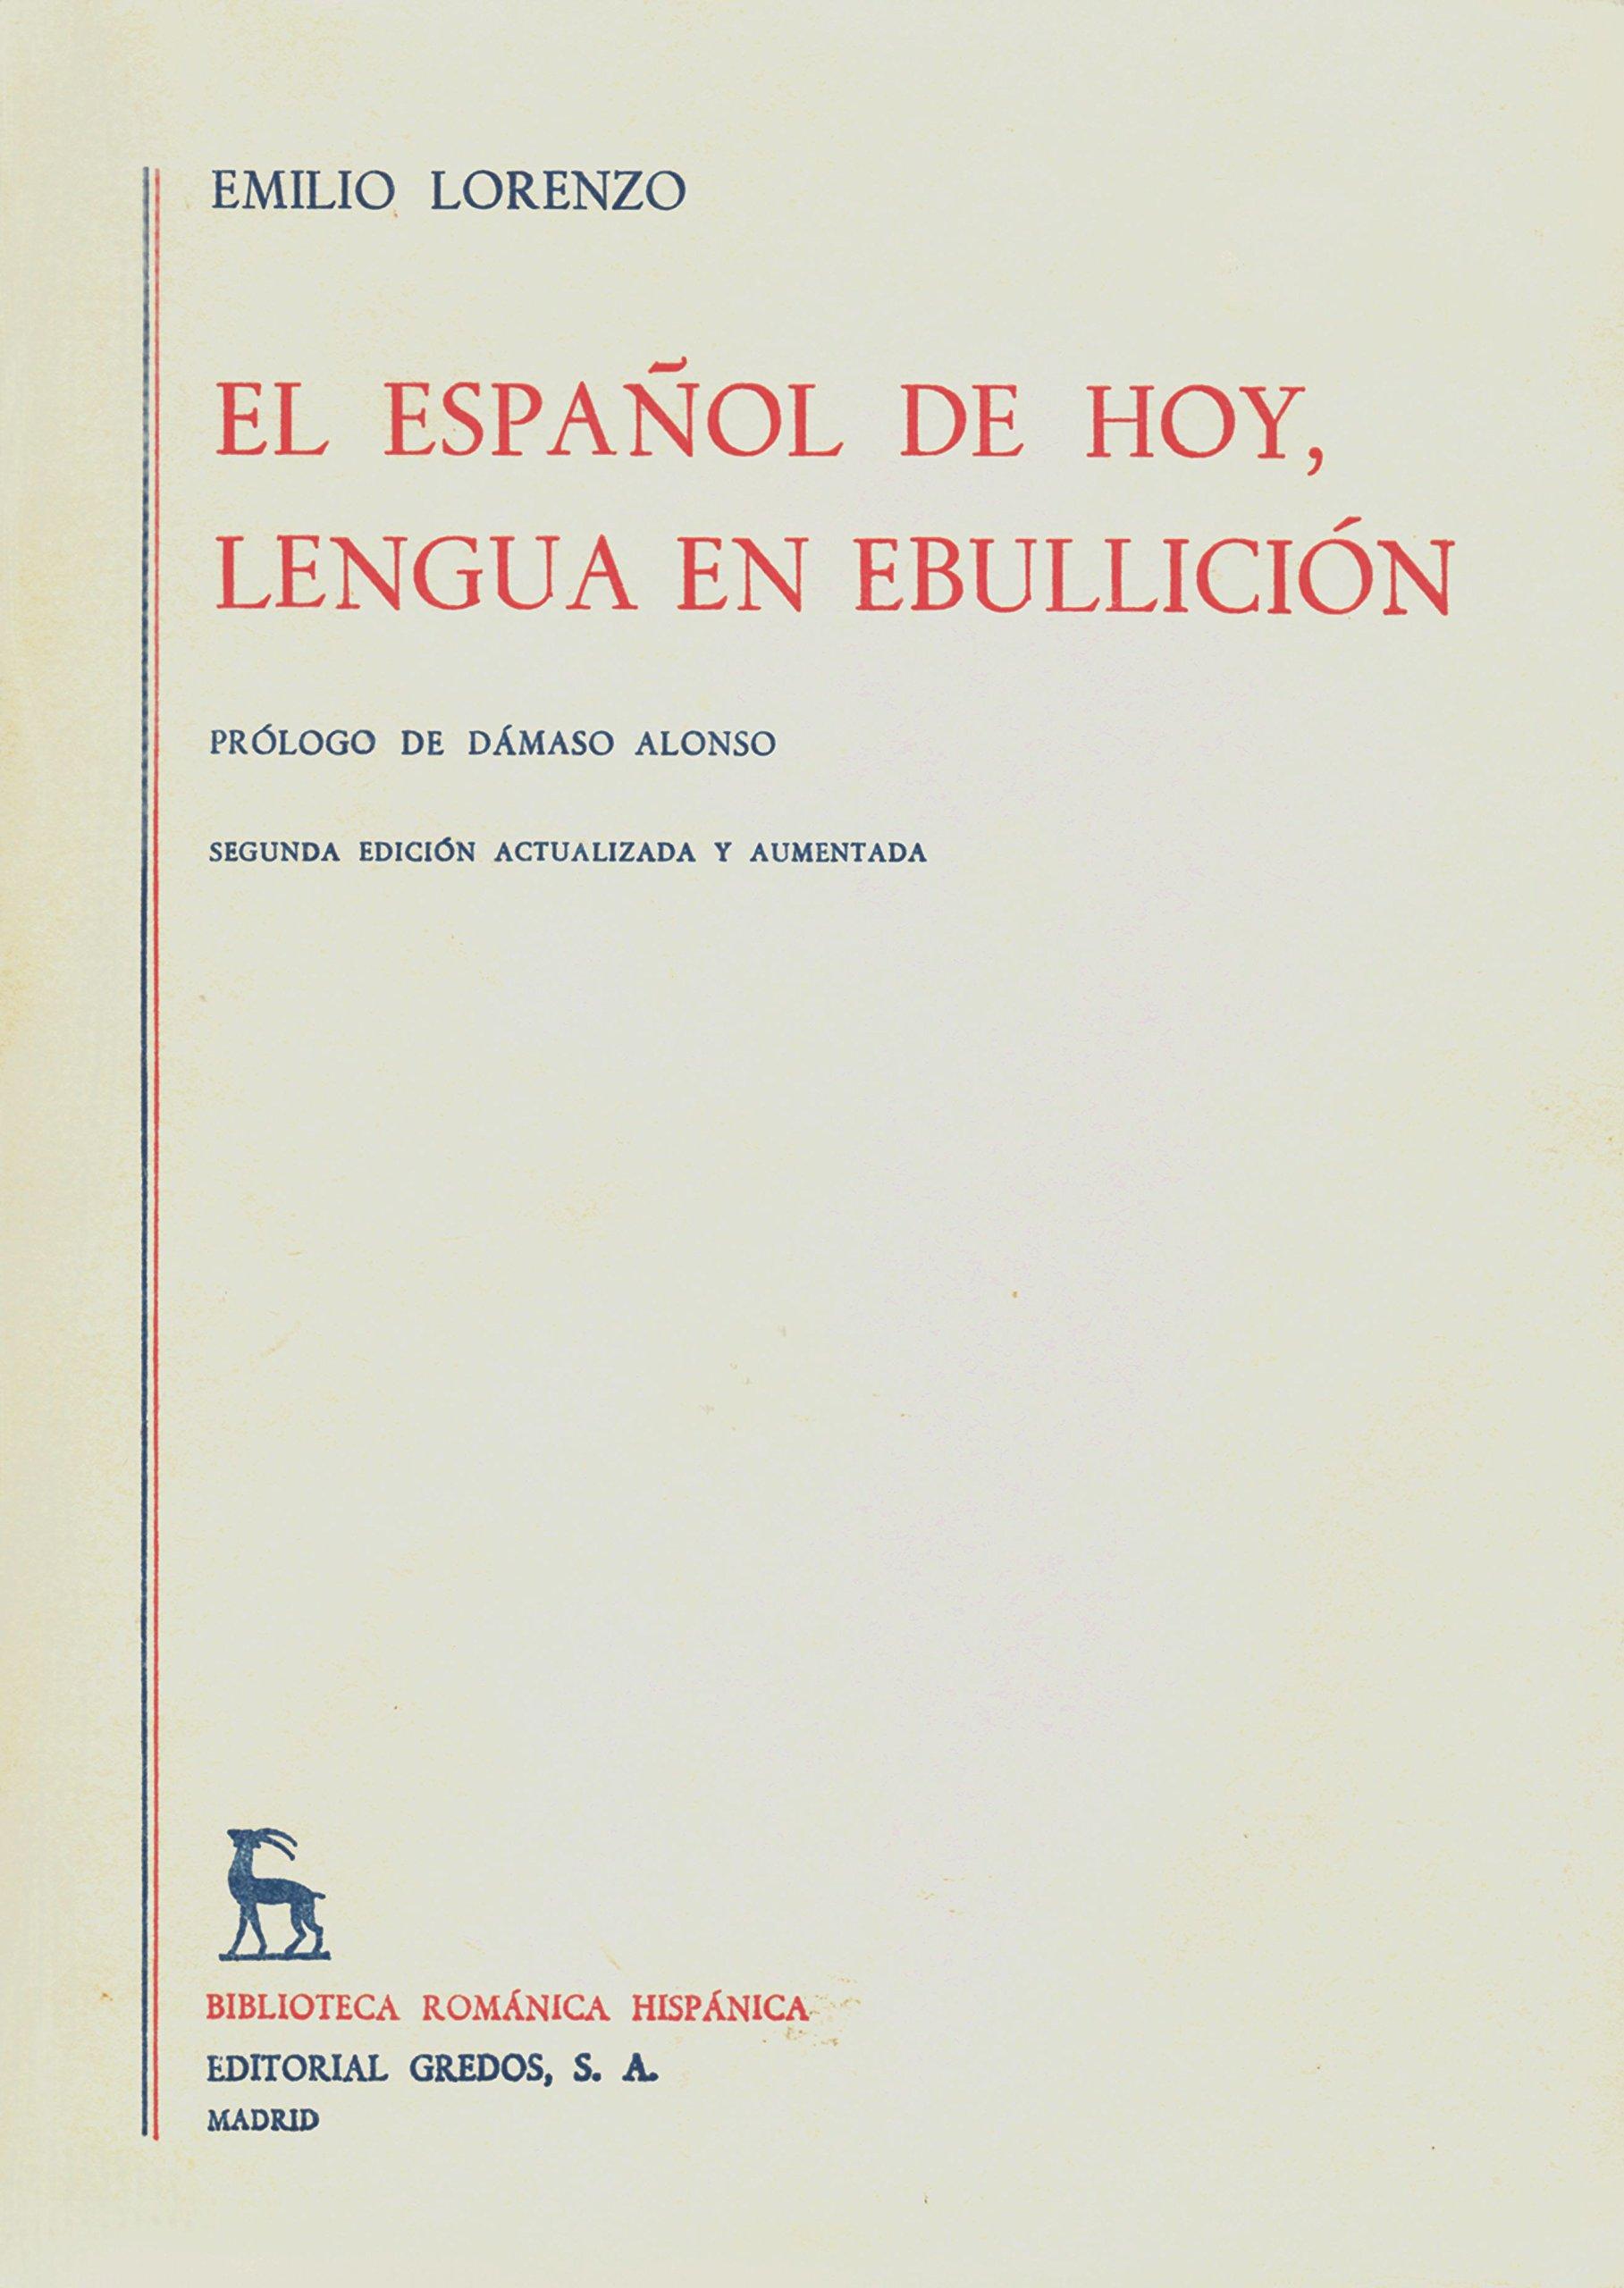 El Espanol de Hoy, Lengua en Ebullicion: Emilio Lorenzo ...